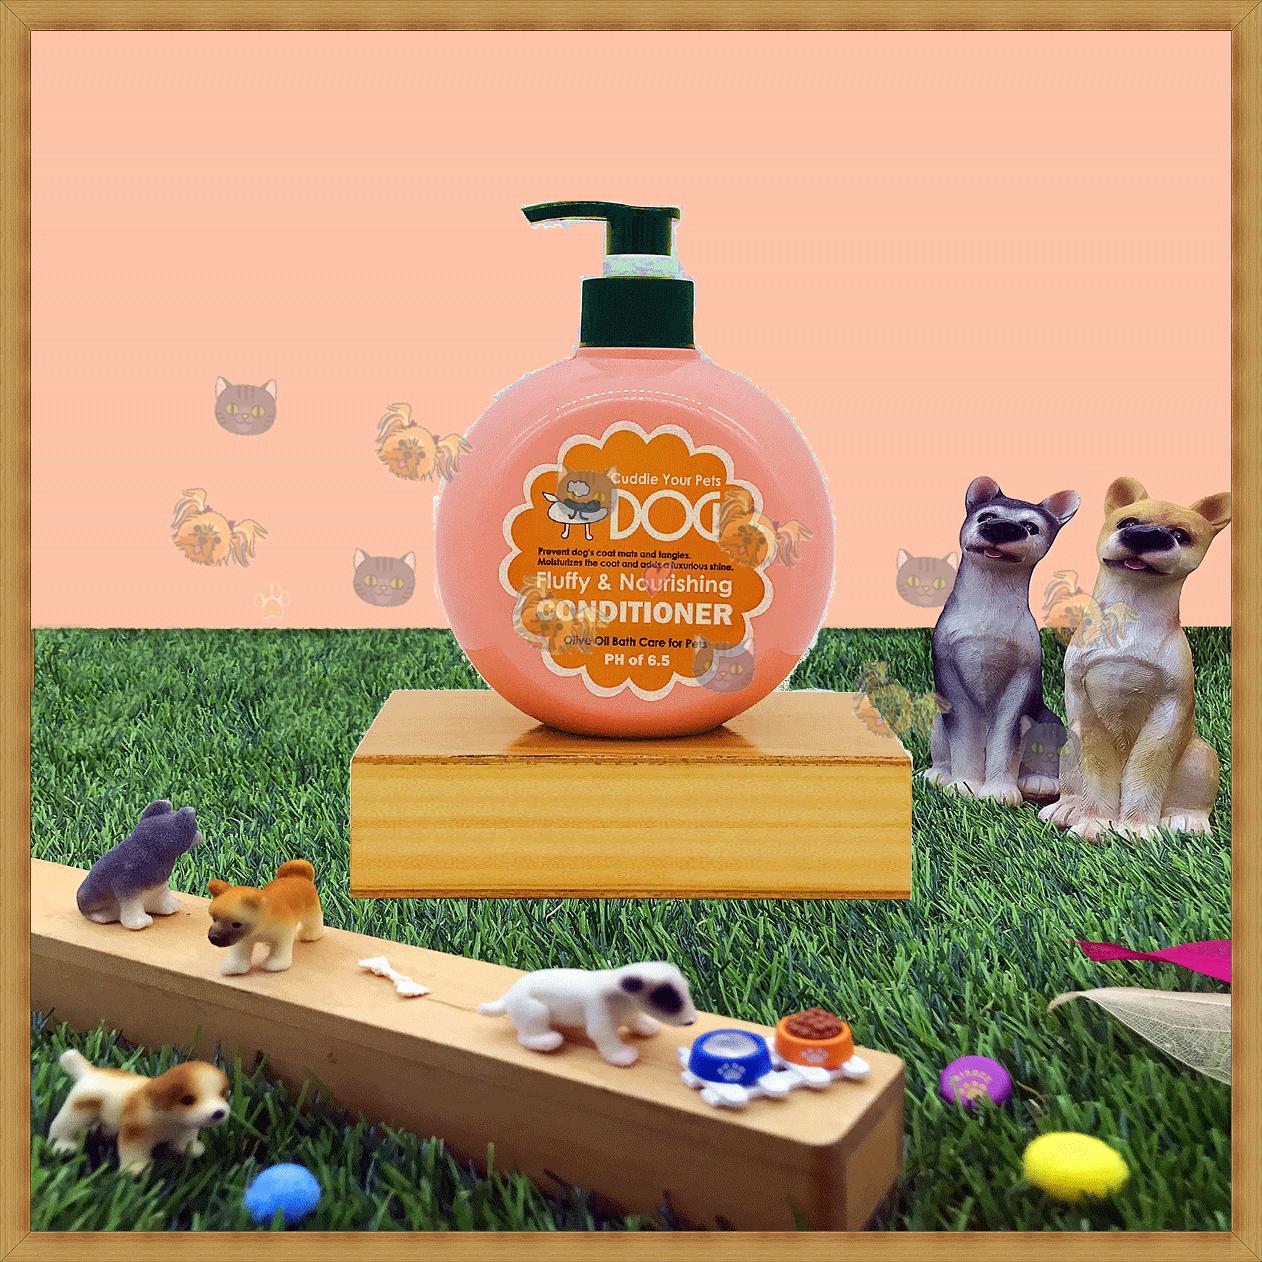 ♥珍寵♥ 拍拍狗 橄欖油氧系列-雙重護 420ml 5種機能 皮膚調理 護毛抗靜電 犬貓適用 0